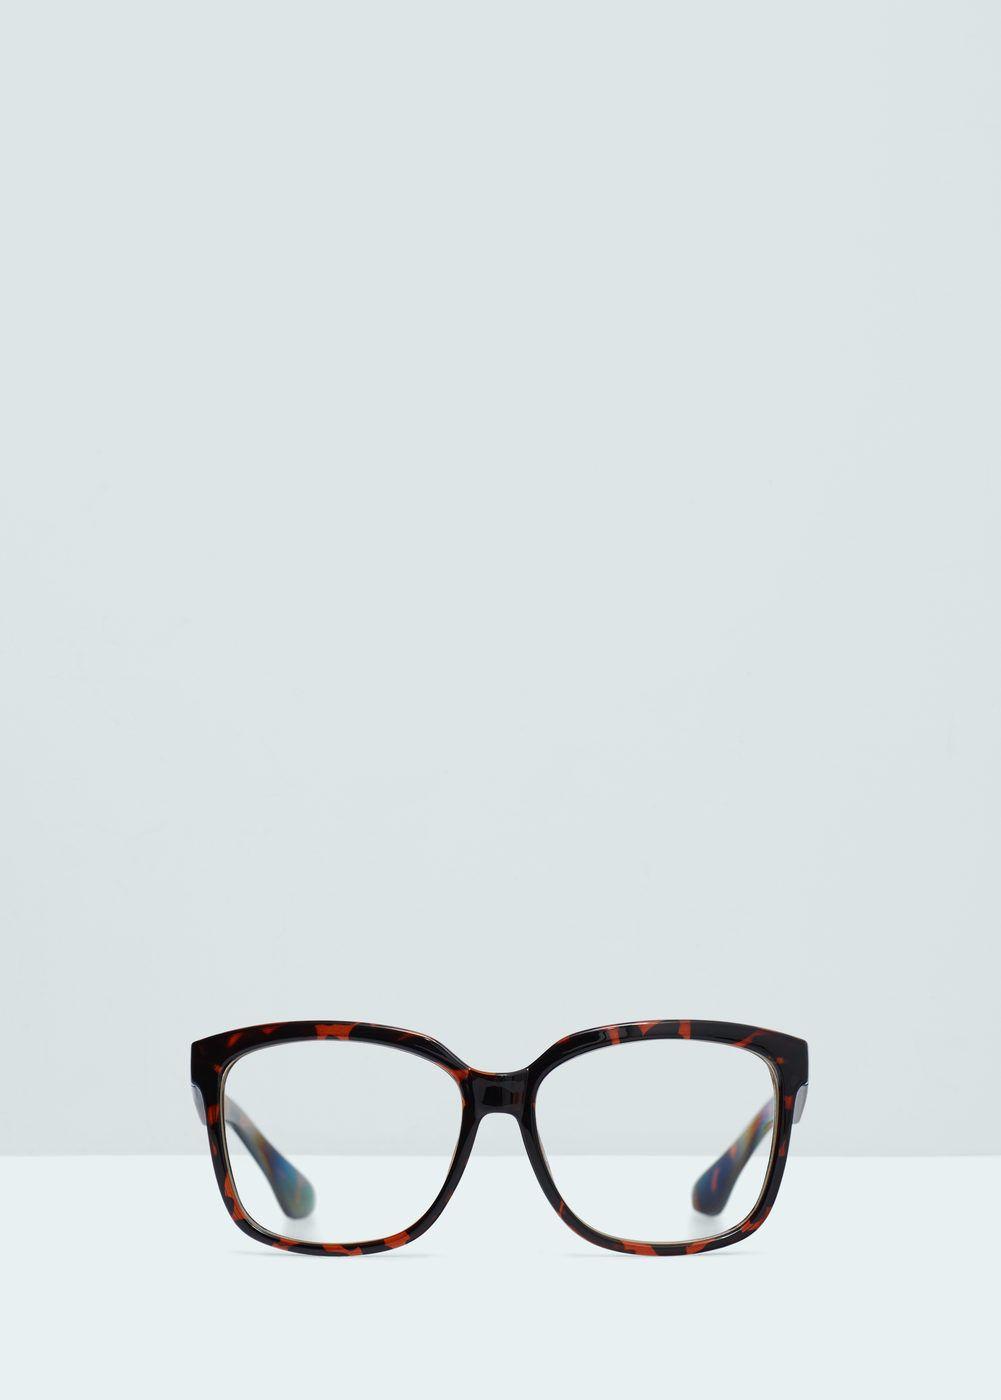 319f6ed424 Retro style sunglasses - More accessories for Woman